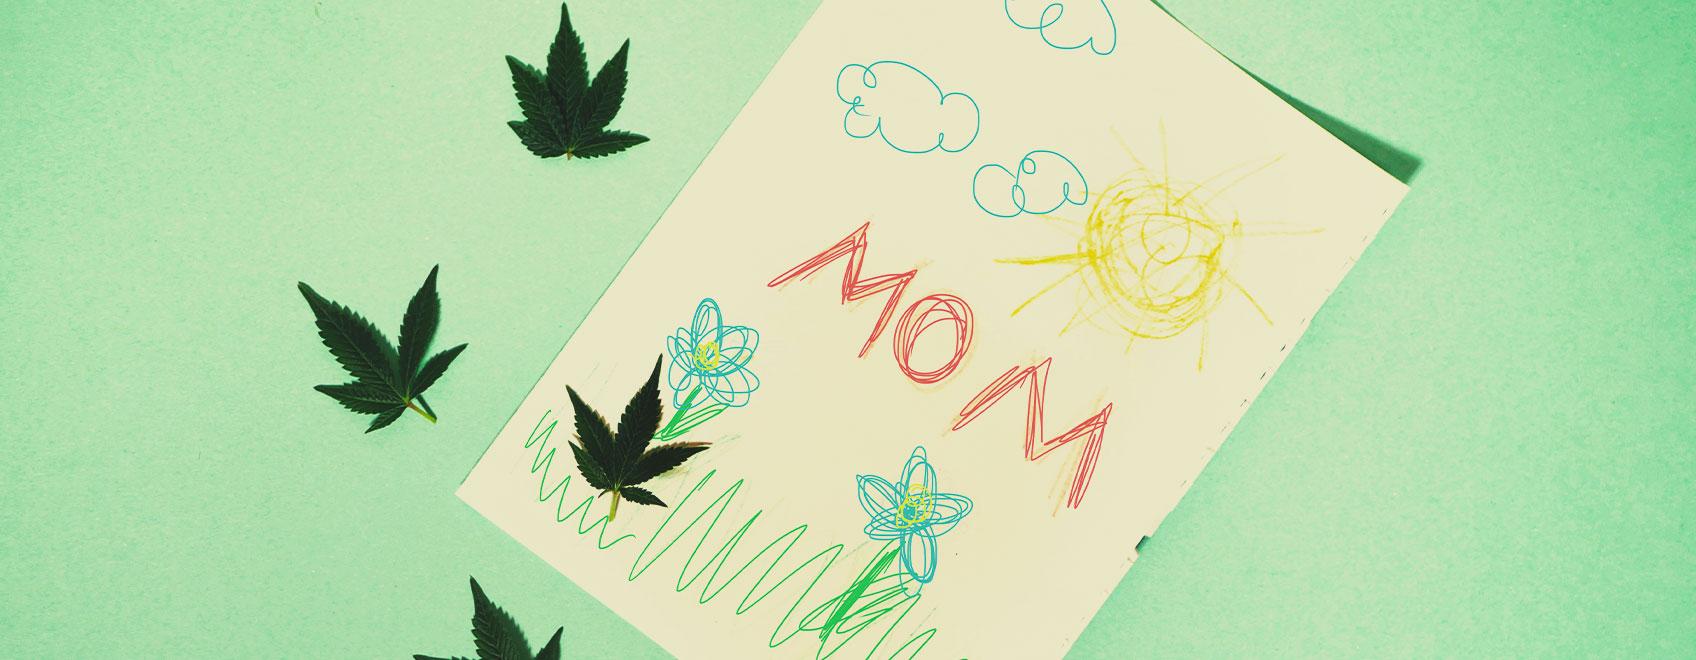 Was ist das Wertvollste an Cannabis, das unsere Kinder von uns lernen sollten?